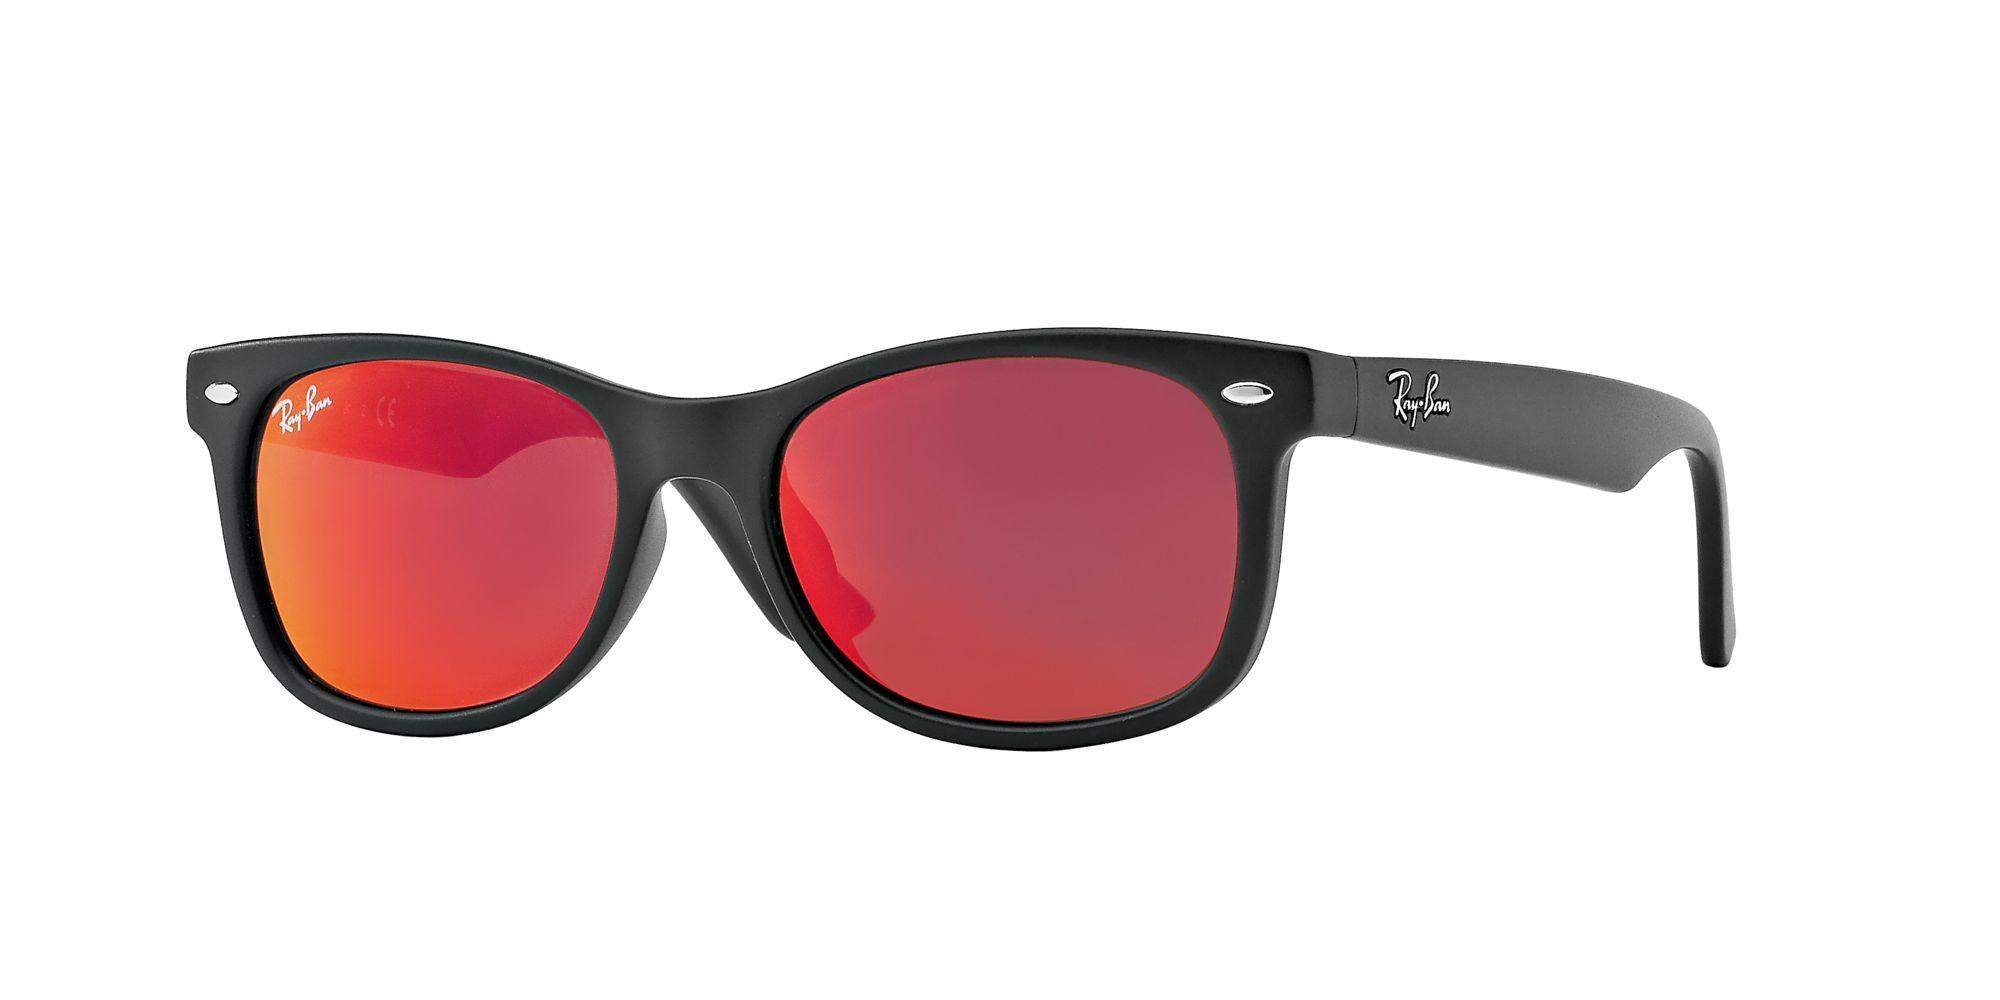 db0a4adb52a63 ... best price ray ban rj9052s new wayfarer junior sunglasses black red  mirror 7aa4a 453a2